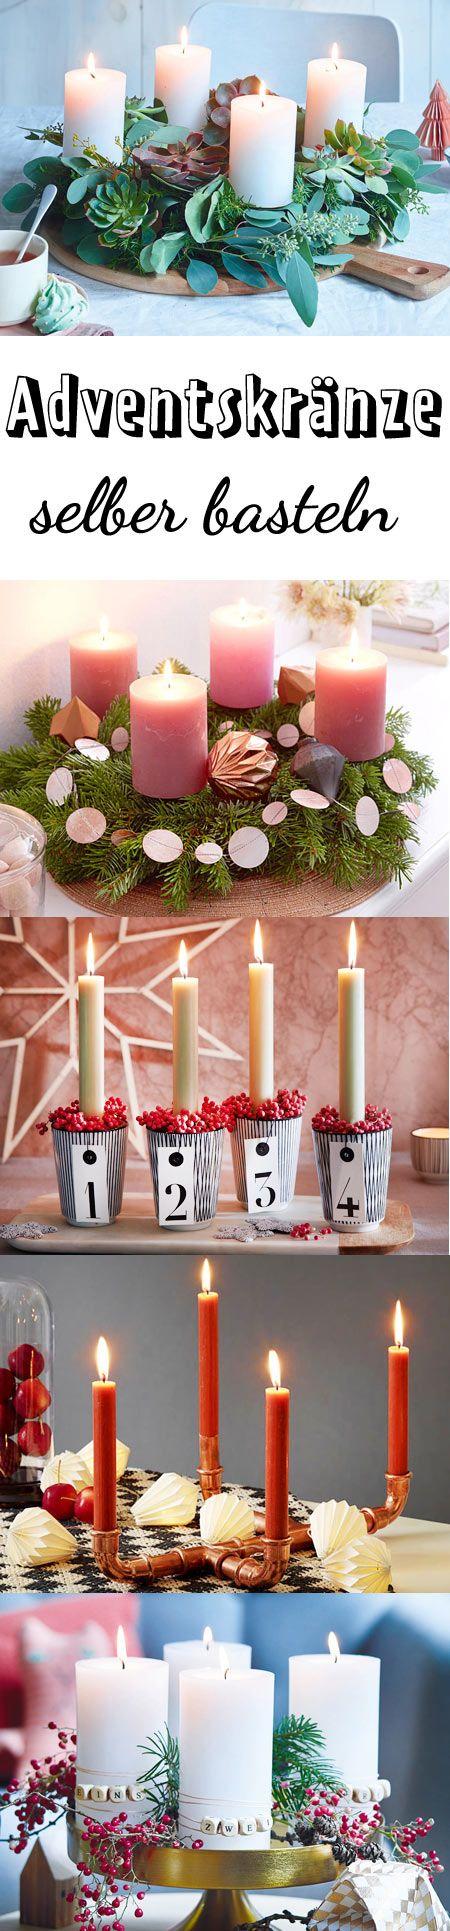 Erst eins, dann zwei, dann drei, dann vier ... #adventskranz #basteln #weihnachten